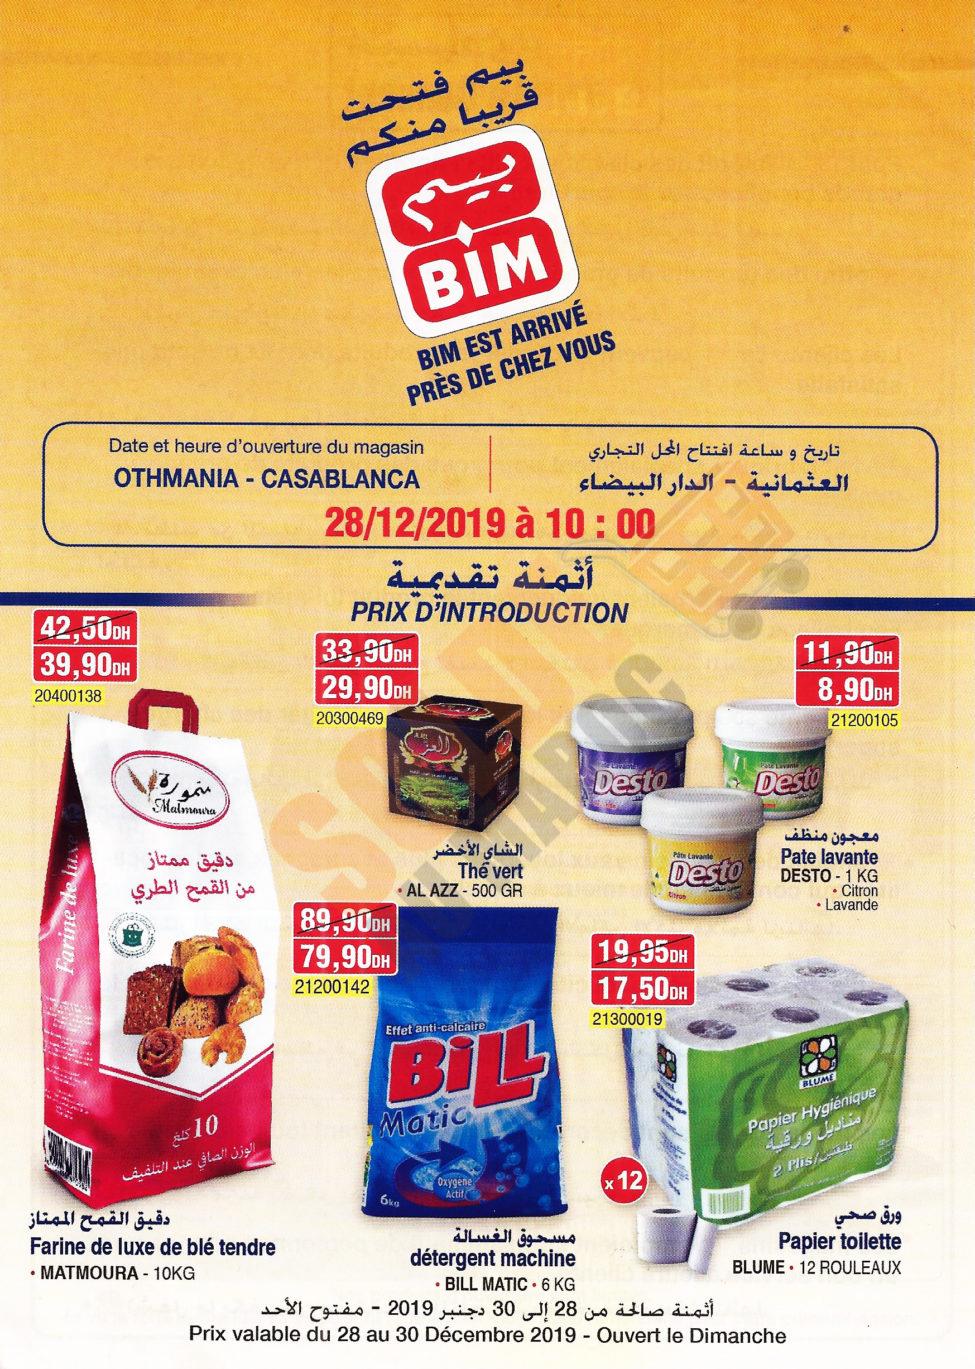 Catalogue Nouvelle Ouverture Bim Othmania Casablanca du 28 au 30 Décembre 2019